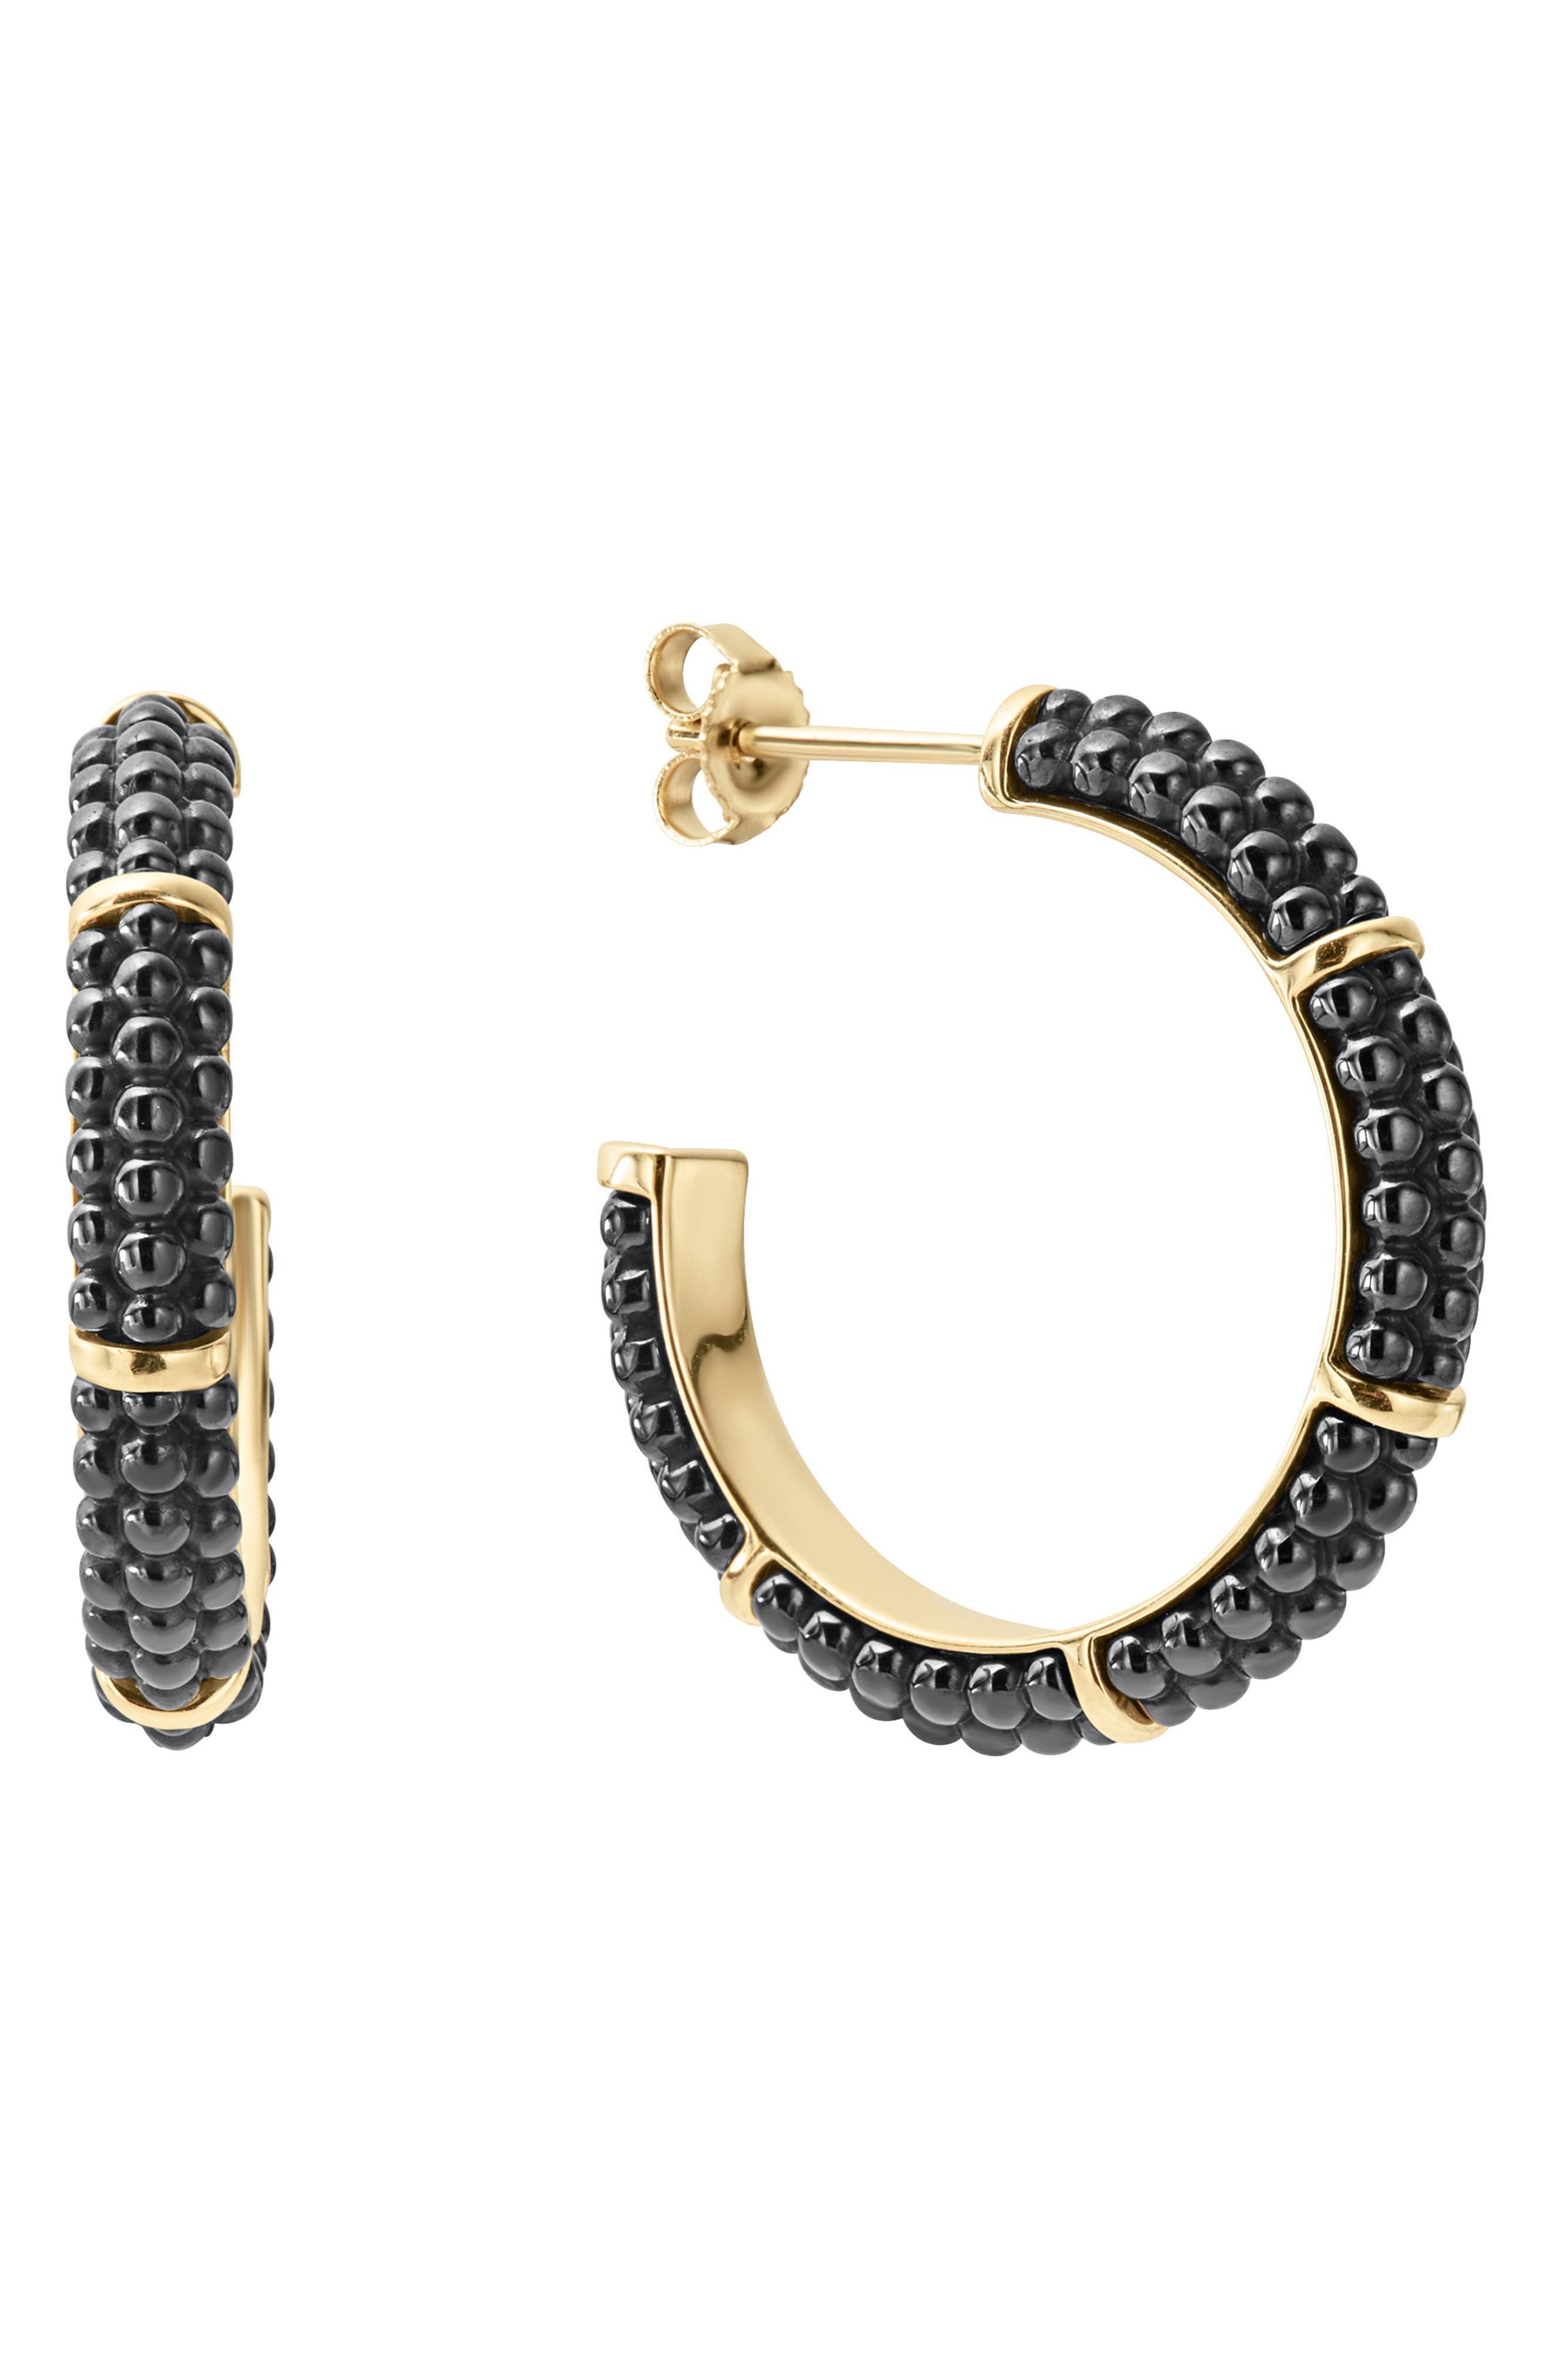 LAGOS Gold & Black Caviar Hoop Earrings